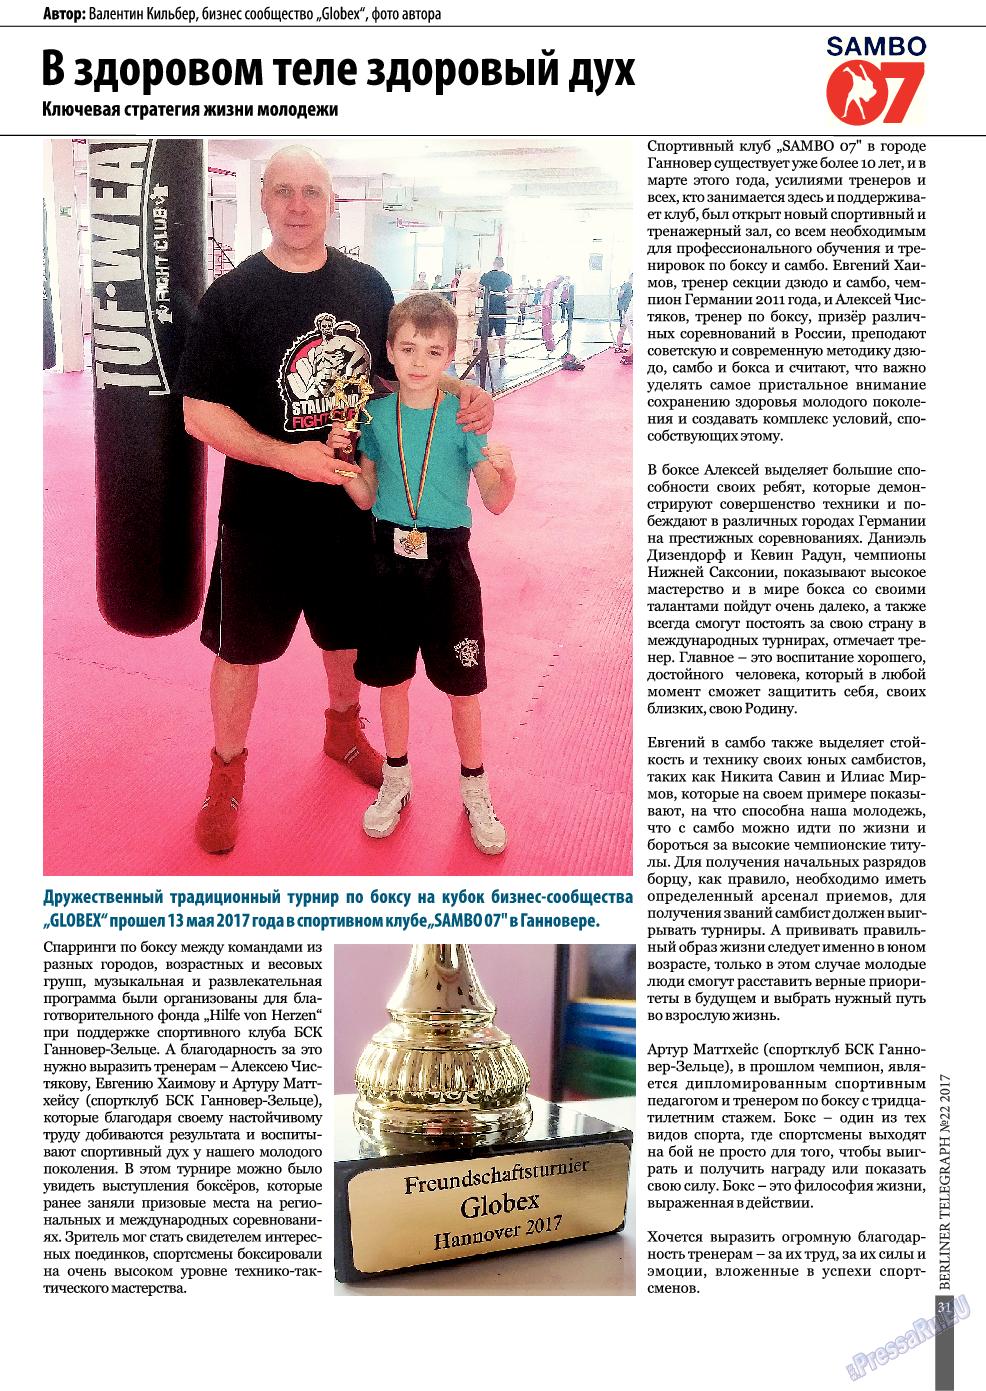 Берлинский телеграф (журнал). 2017 год, номер 22, стр. 31